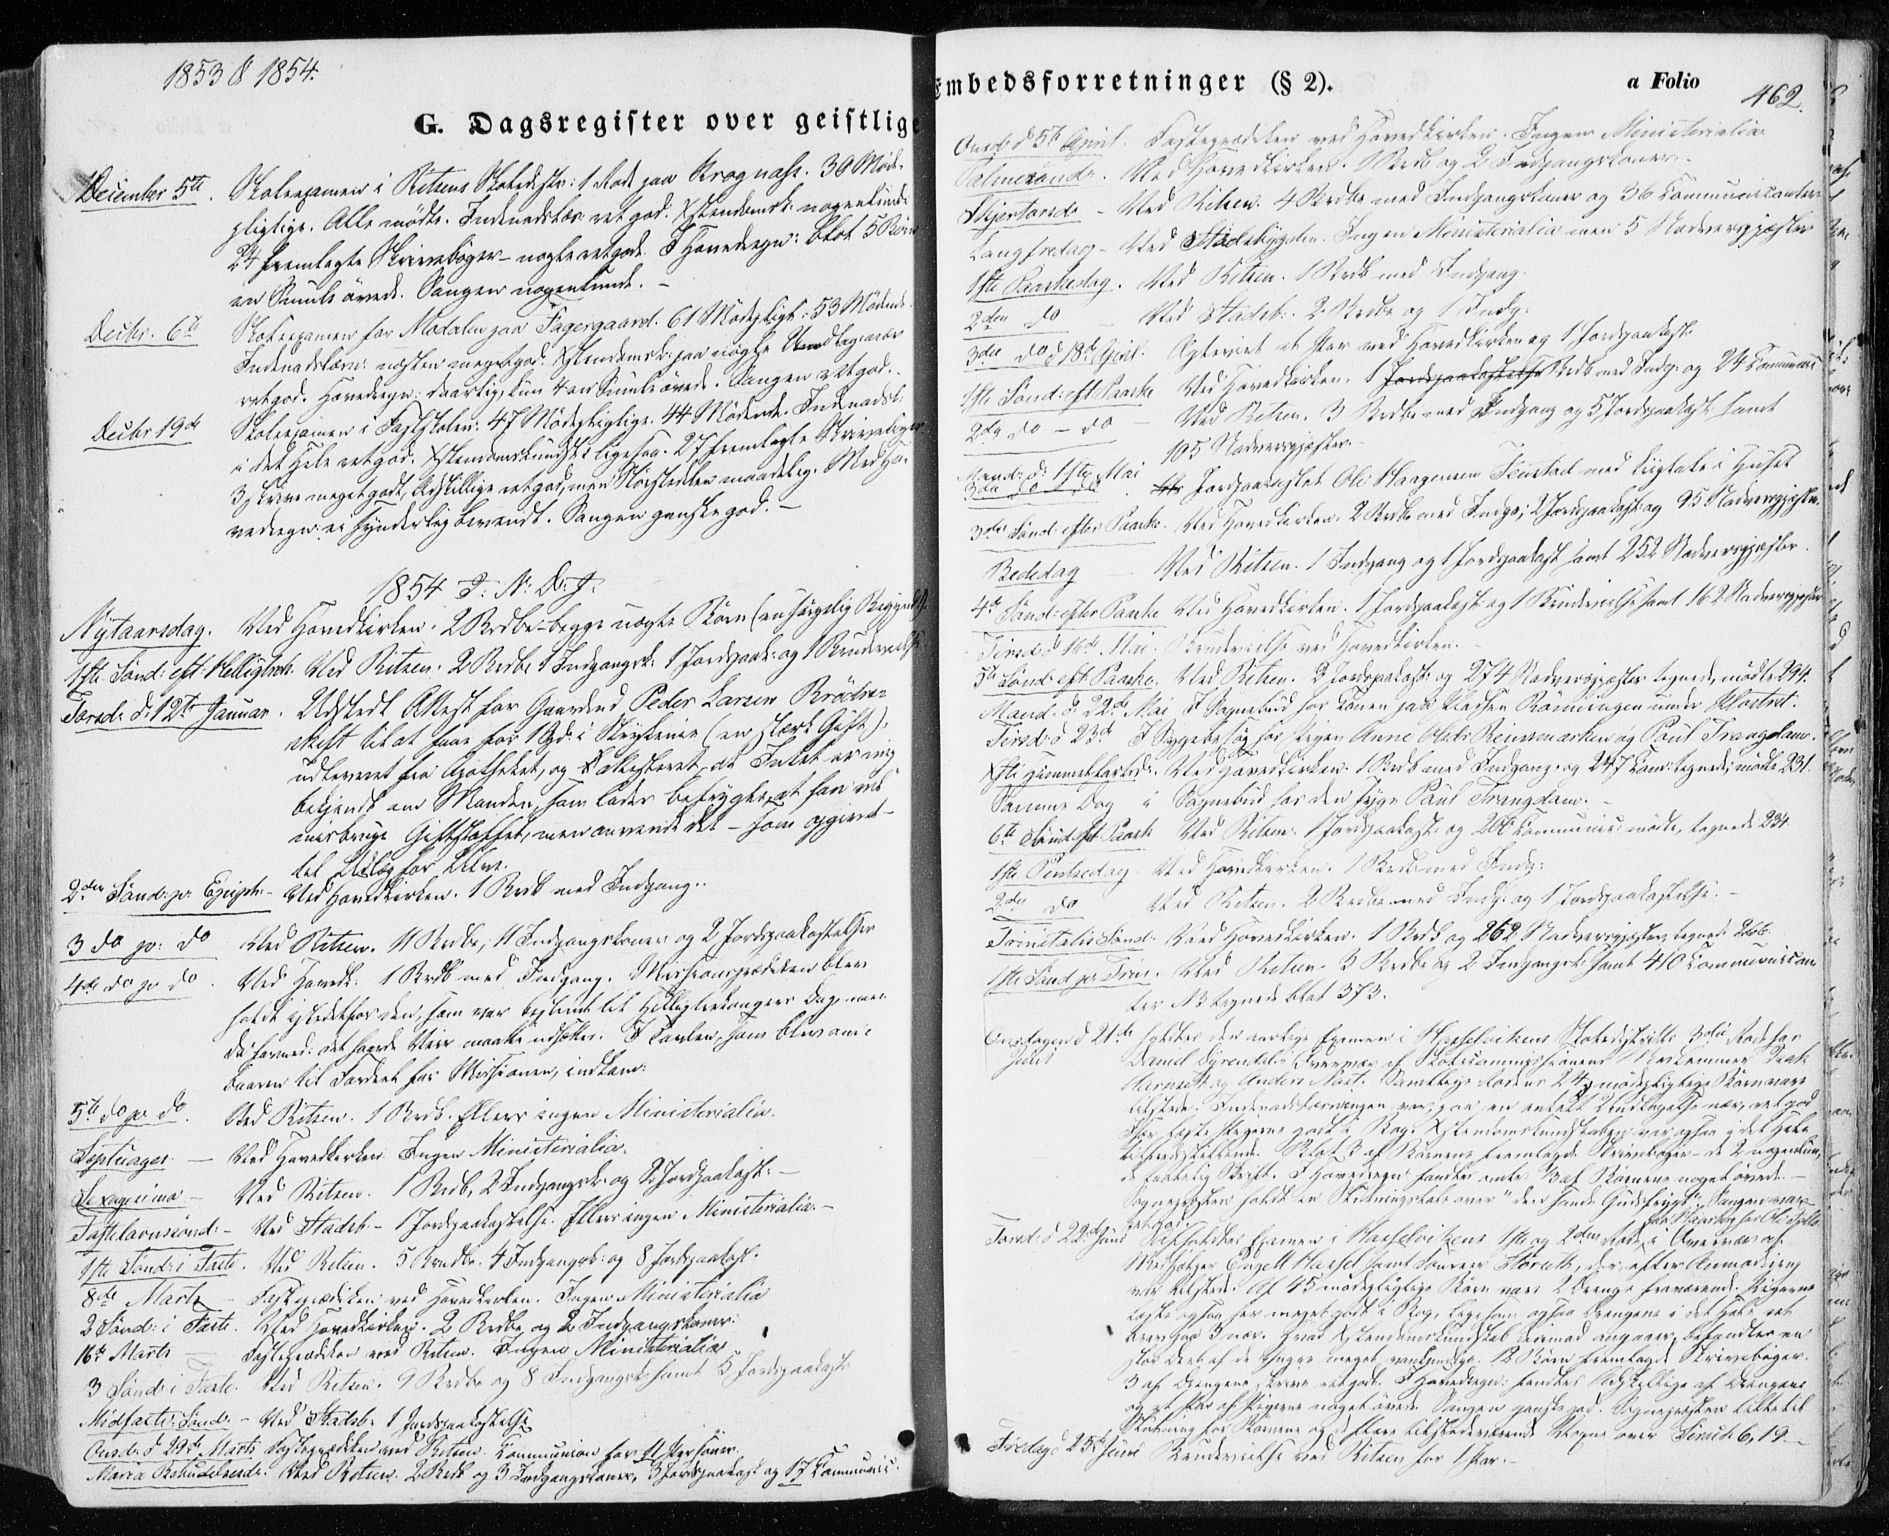 SAT, Ministerialprotokoller, klokkerbøker og fødselsregistre - Sør-Trøndelag, 646/L0611: Ministerialbok nr. 646A09, 1848-1857, s. 462